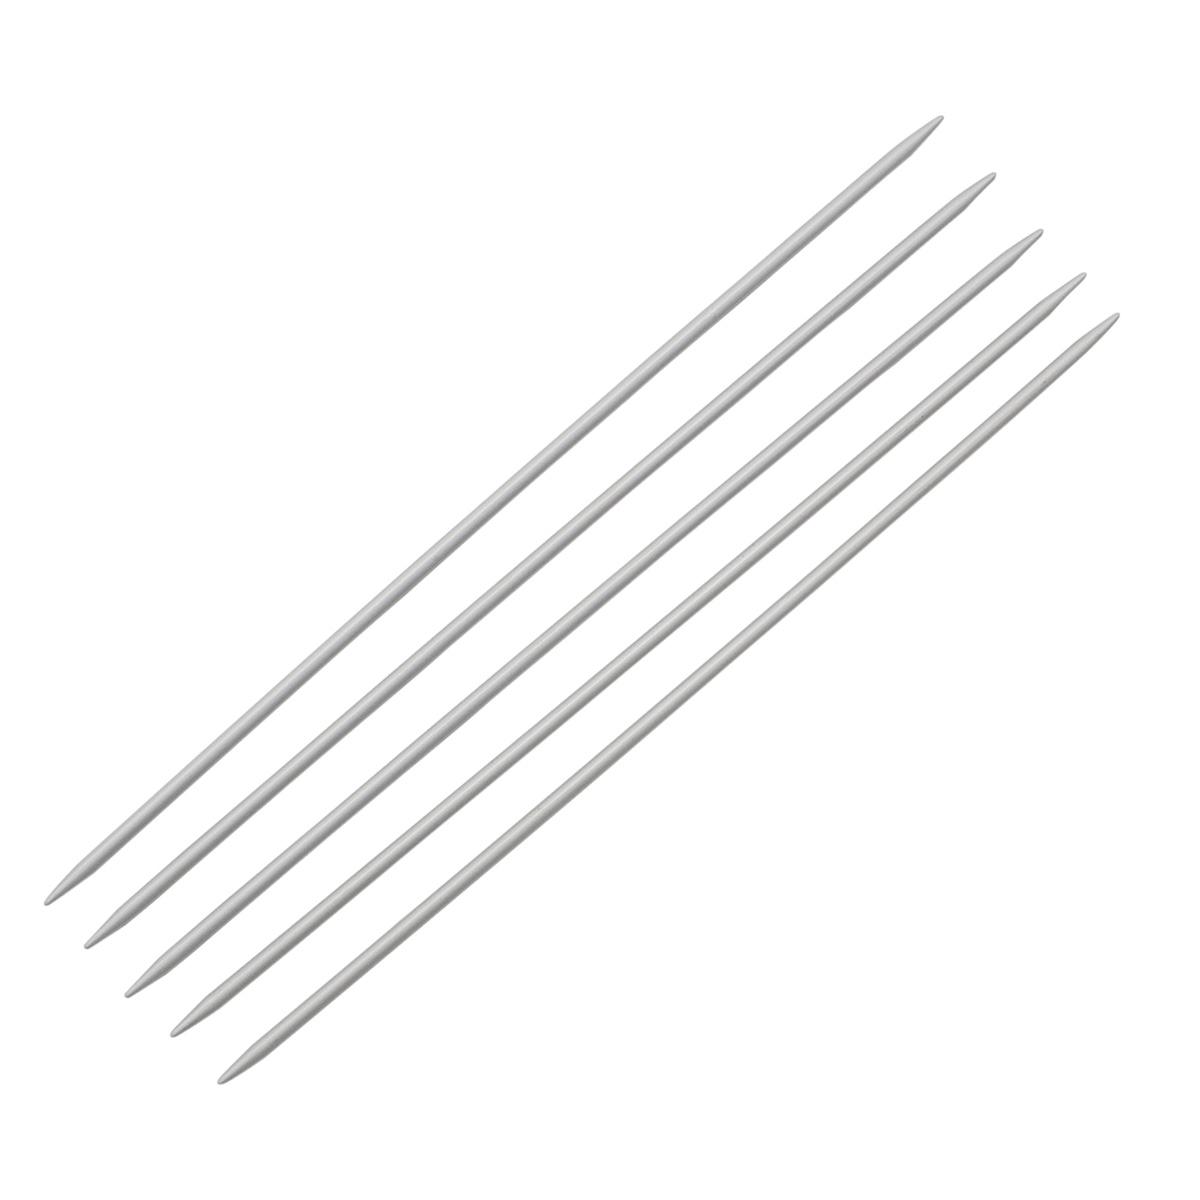 Спицы носочные алюминиевые с покрытием 940530/940503, 20 см, 3,0 мм, Hobby&Pro